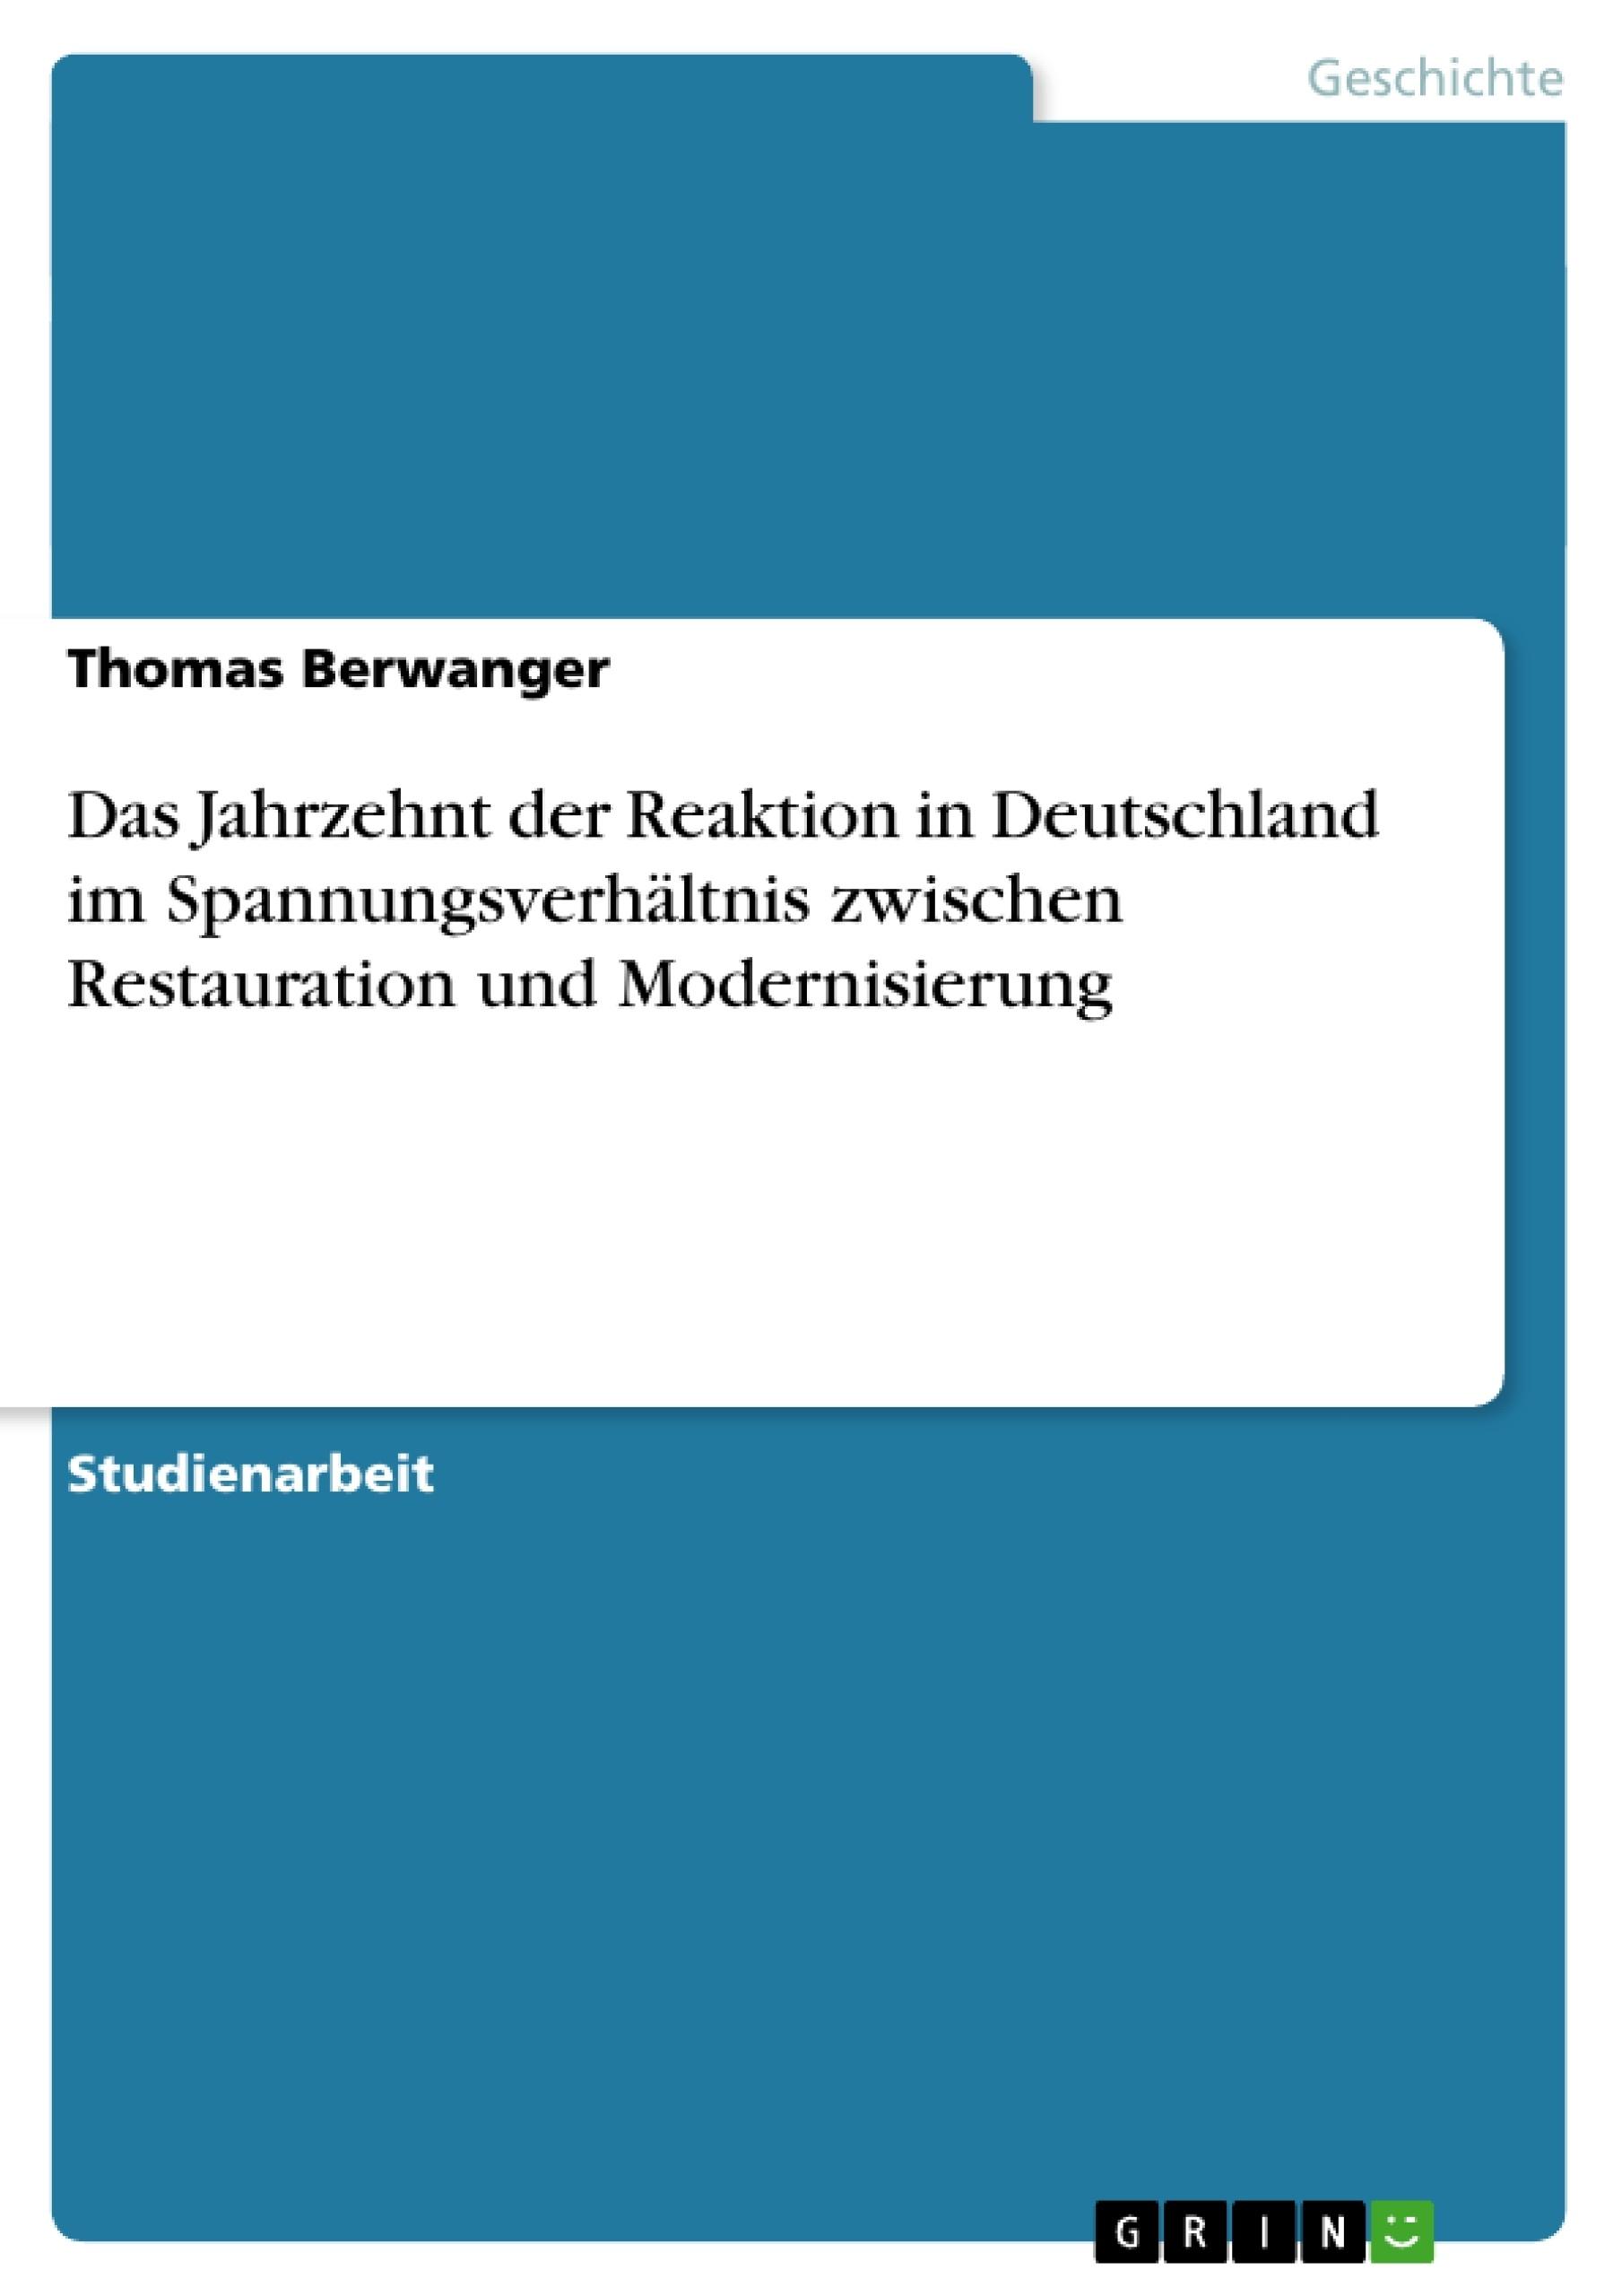 Titel: Das Jahrzehnt der Reaktion in Deutschland im Spannungsverhältnis zwischen Restauration und Modernisierung